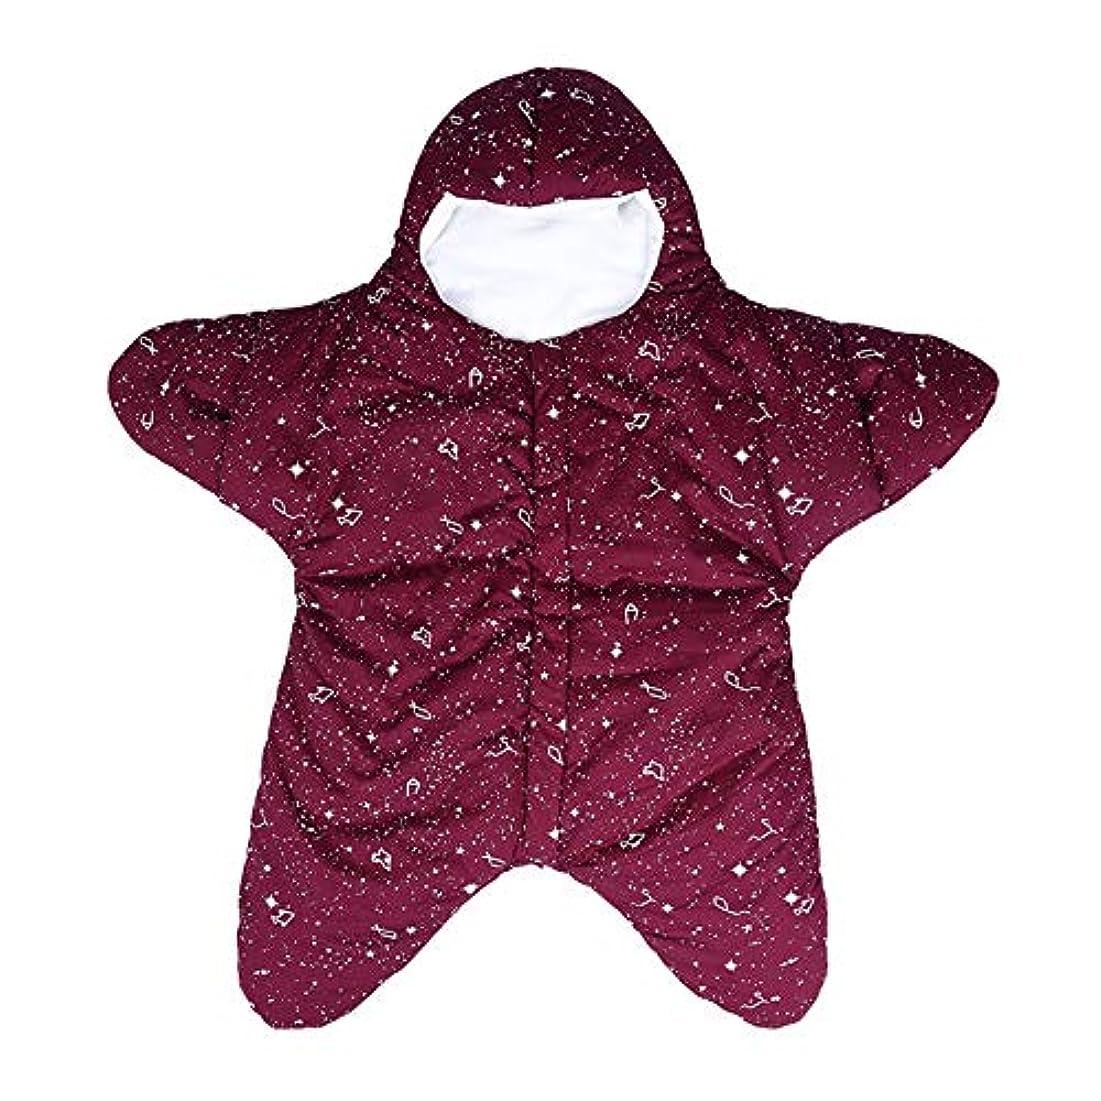 金属探偵ためにベビー寝袋 0-8ヶ月のソフトで快適なインテリアファブリックを着て足厚い冬の寝袋の赤ちゃんは、屋内での使用に非常に適しています 新生児睡眠カプセル (色 : 赤, サイズ : 80x73cm)